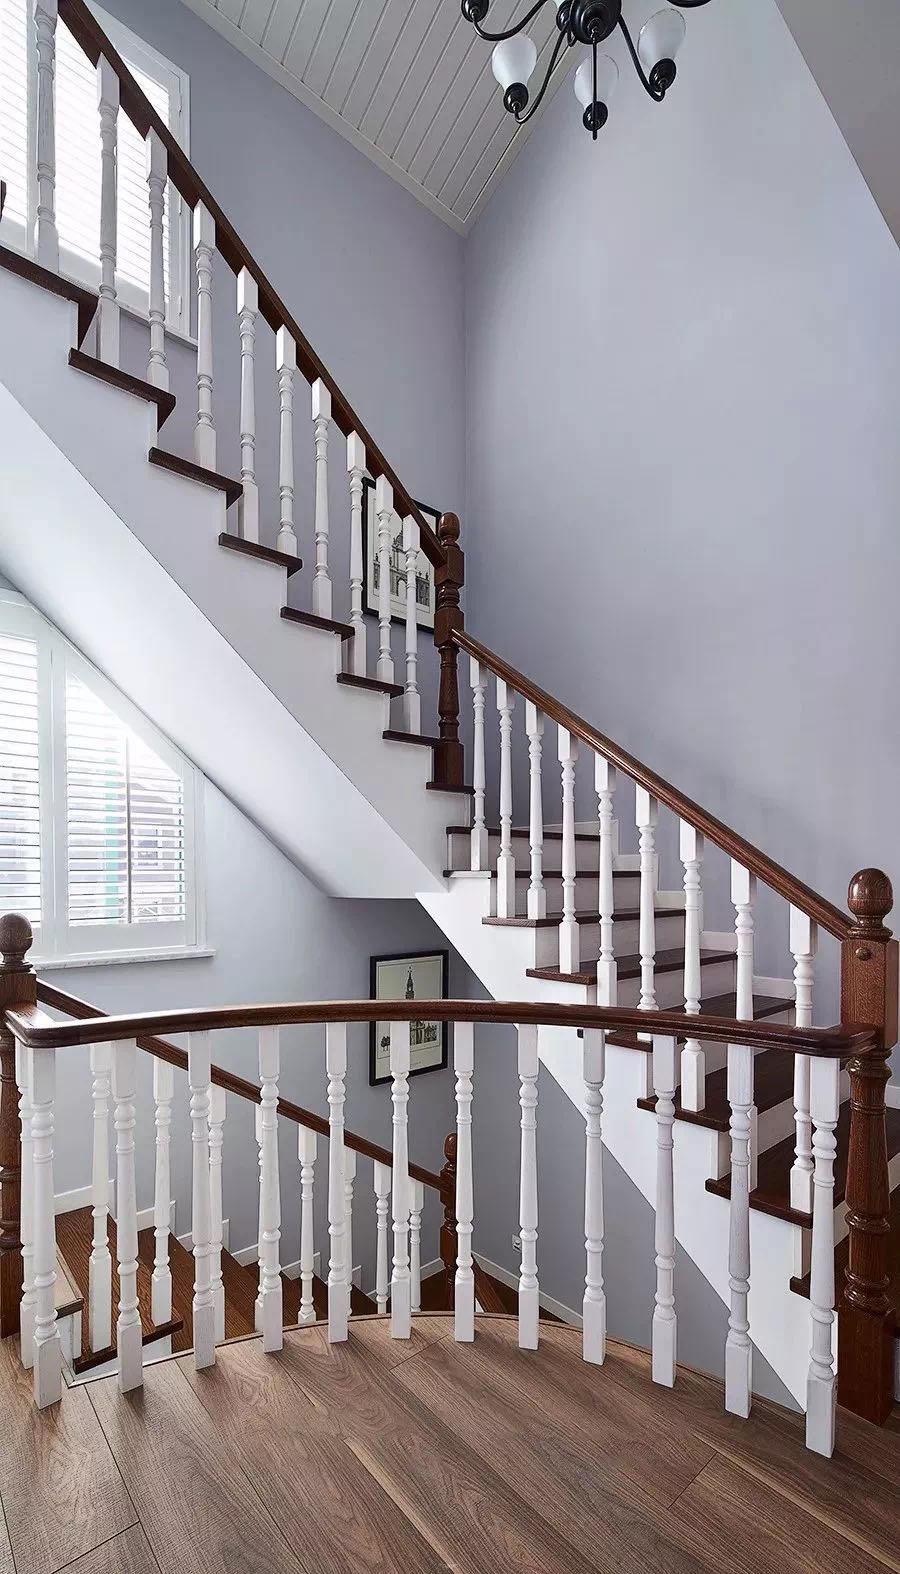 崇明区优质实木楼梯定制价格 和谐共赢「上海保希木业供应」